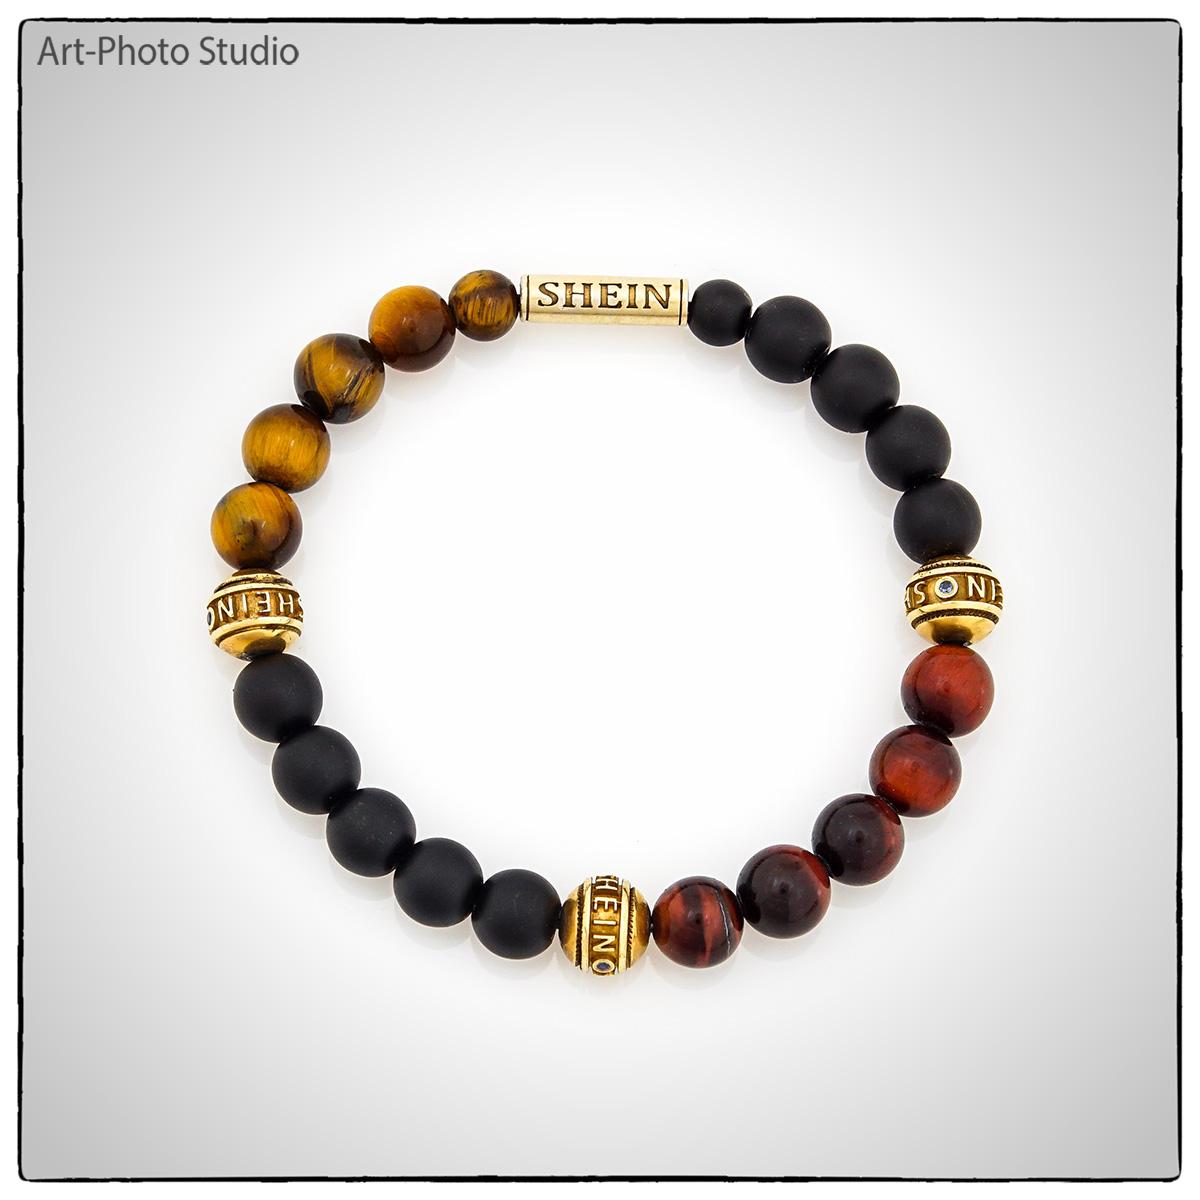 предметное фото - браслет с драгоценными камнями